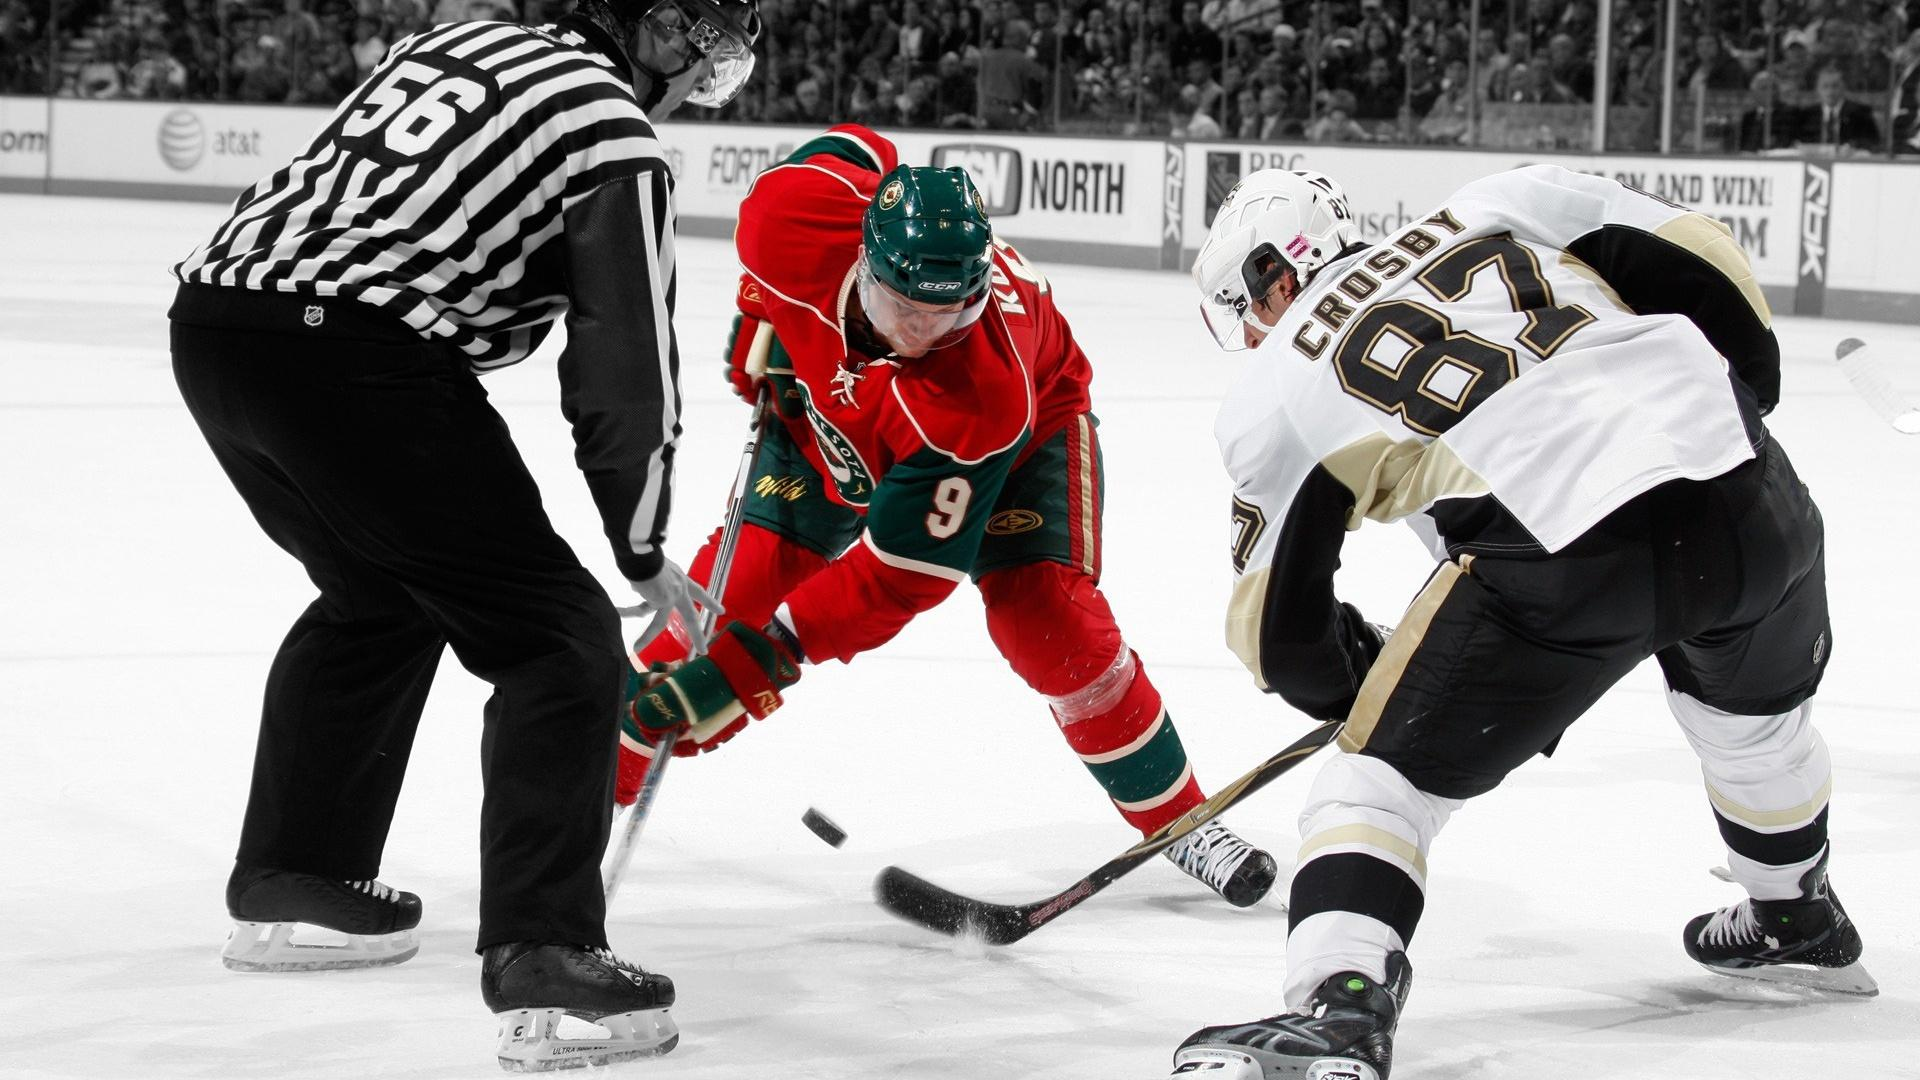 Особенности ставок на хоккей в букмекерских конторах